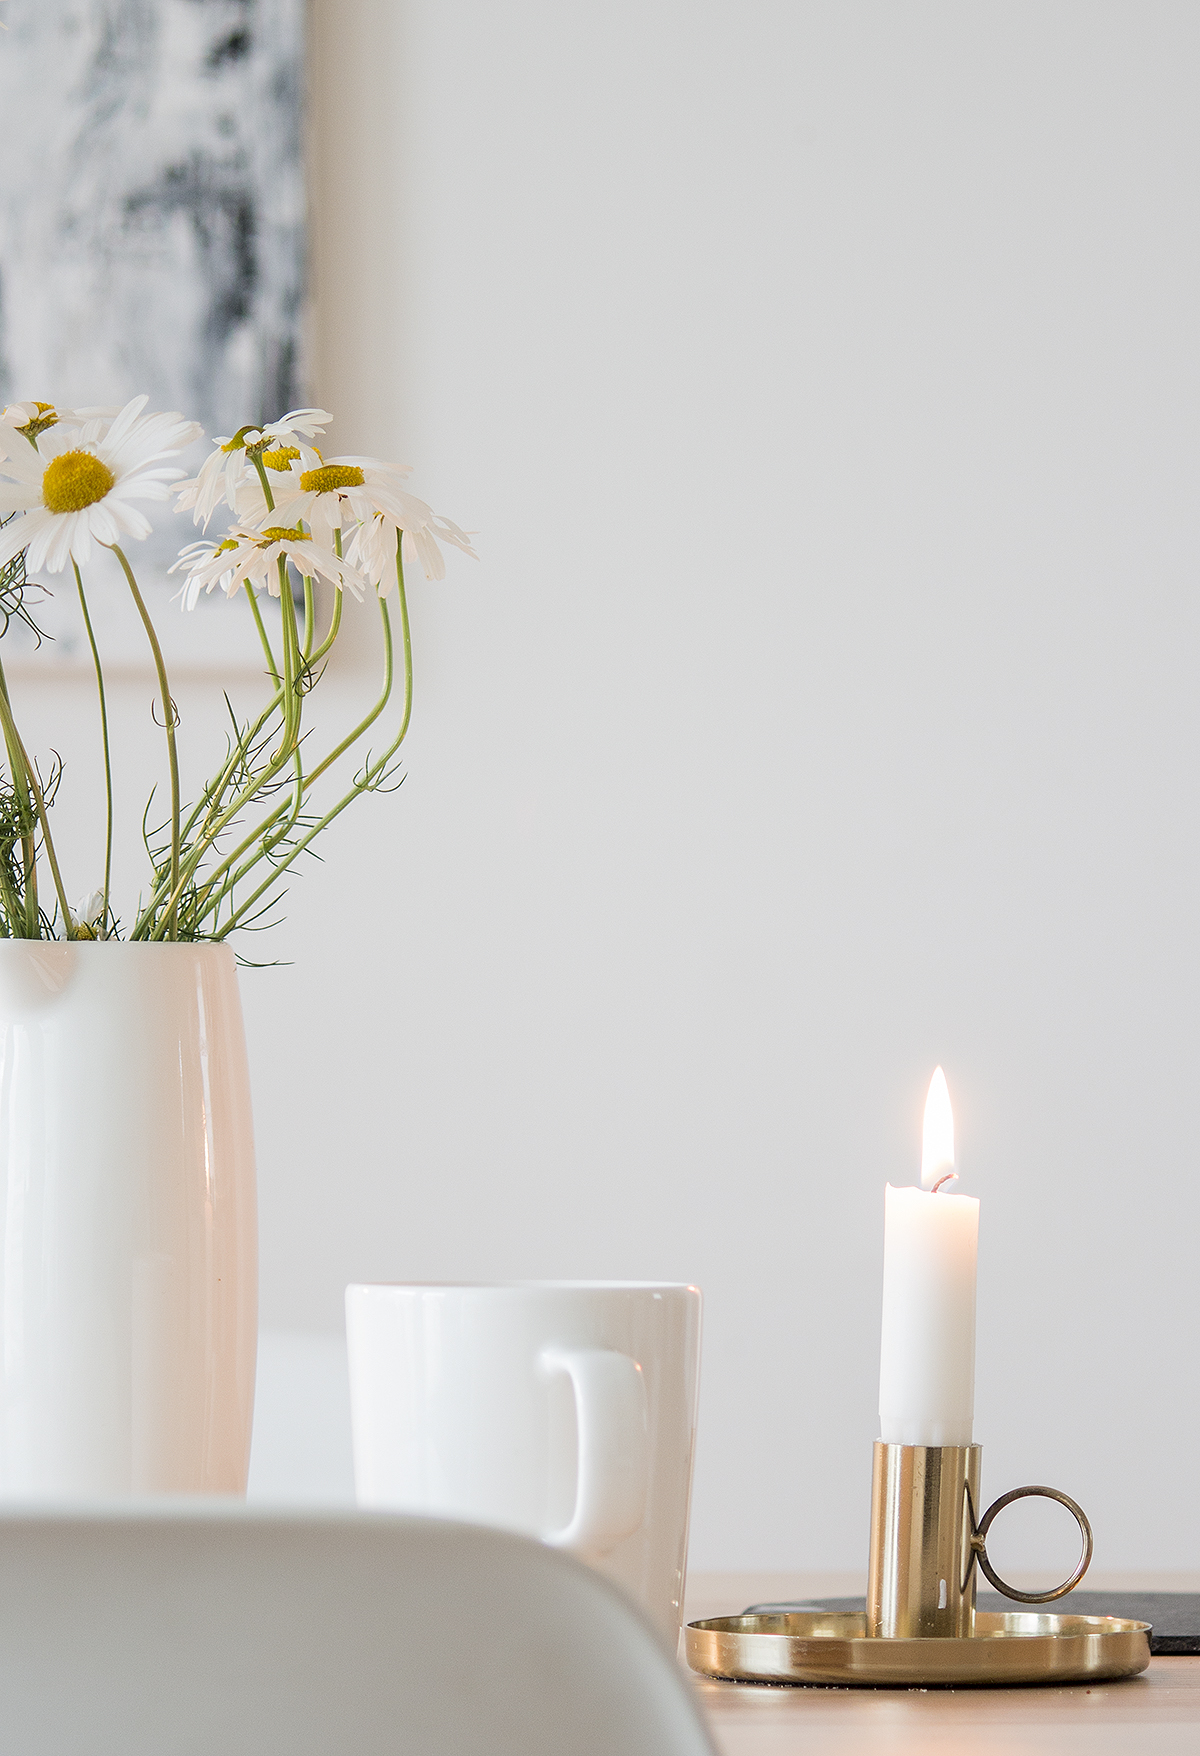 kukat, kynttilä, sisustus